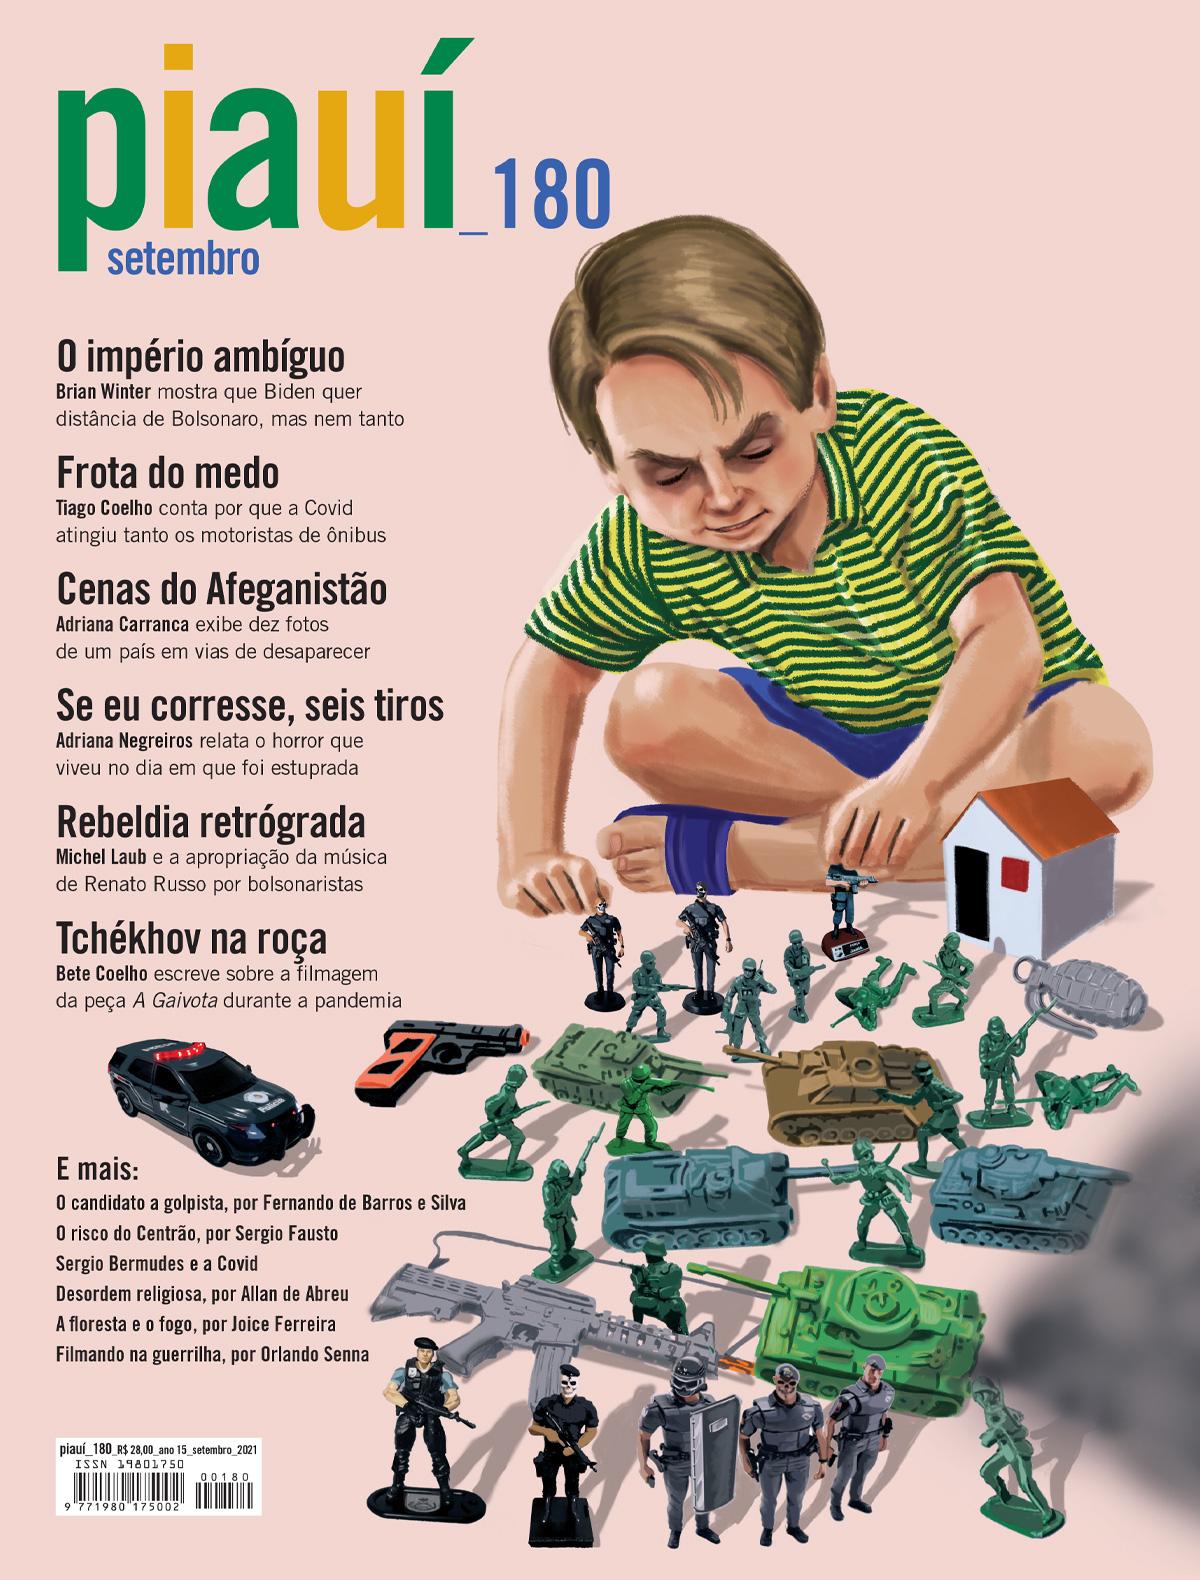 piauí_180